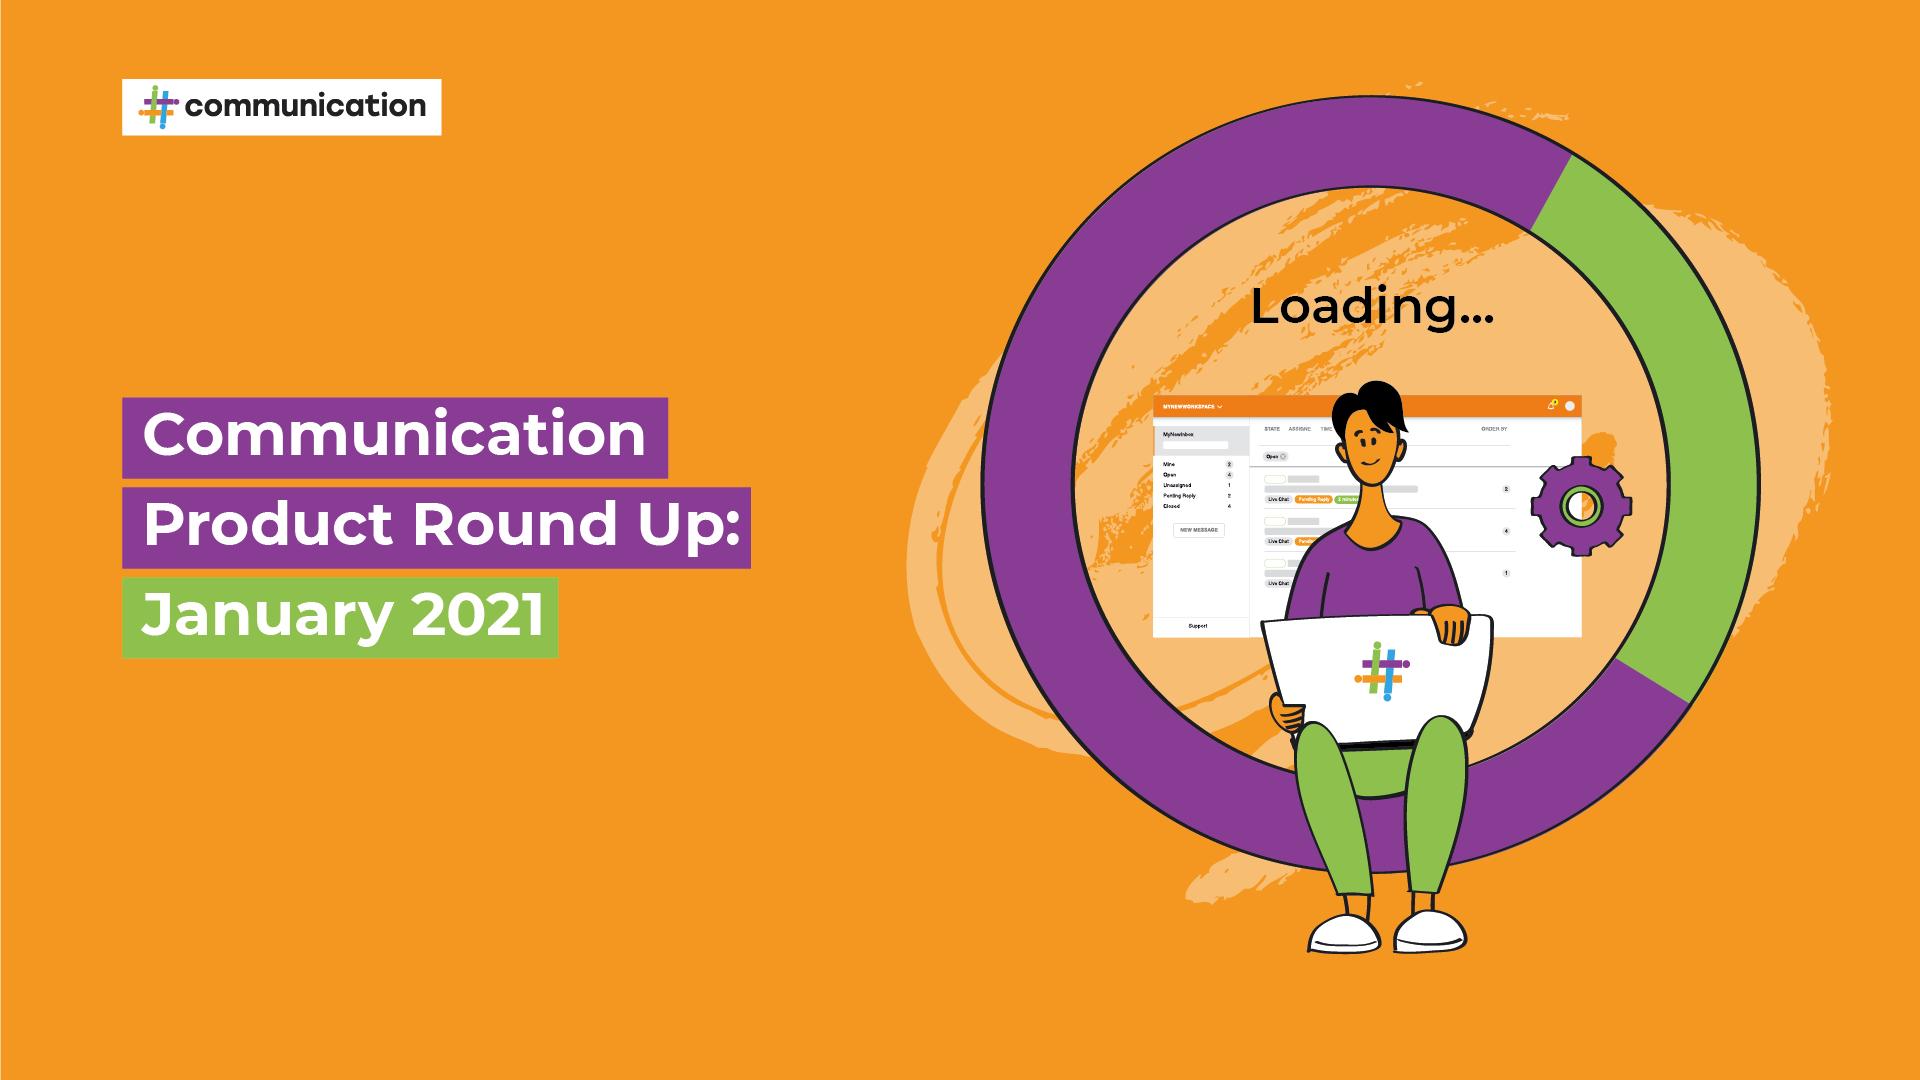 communication product round up january 2021